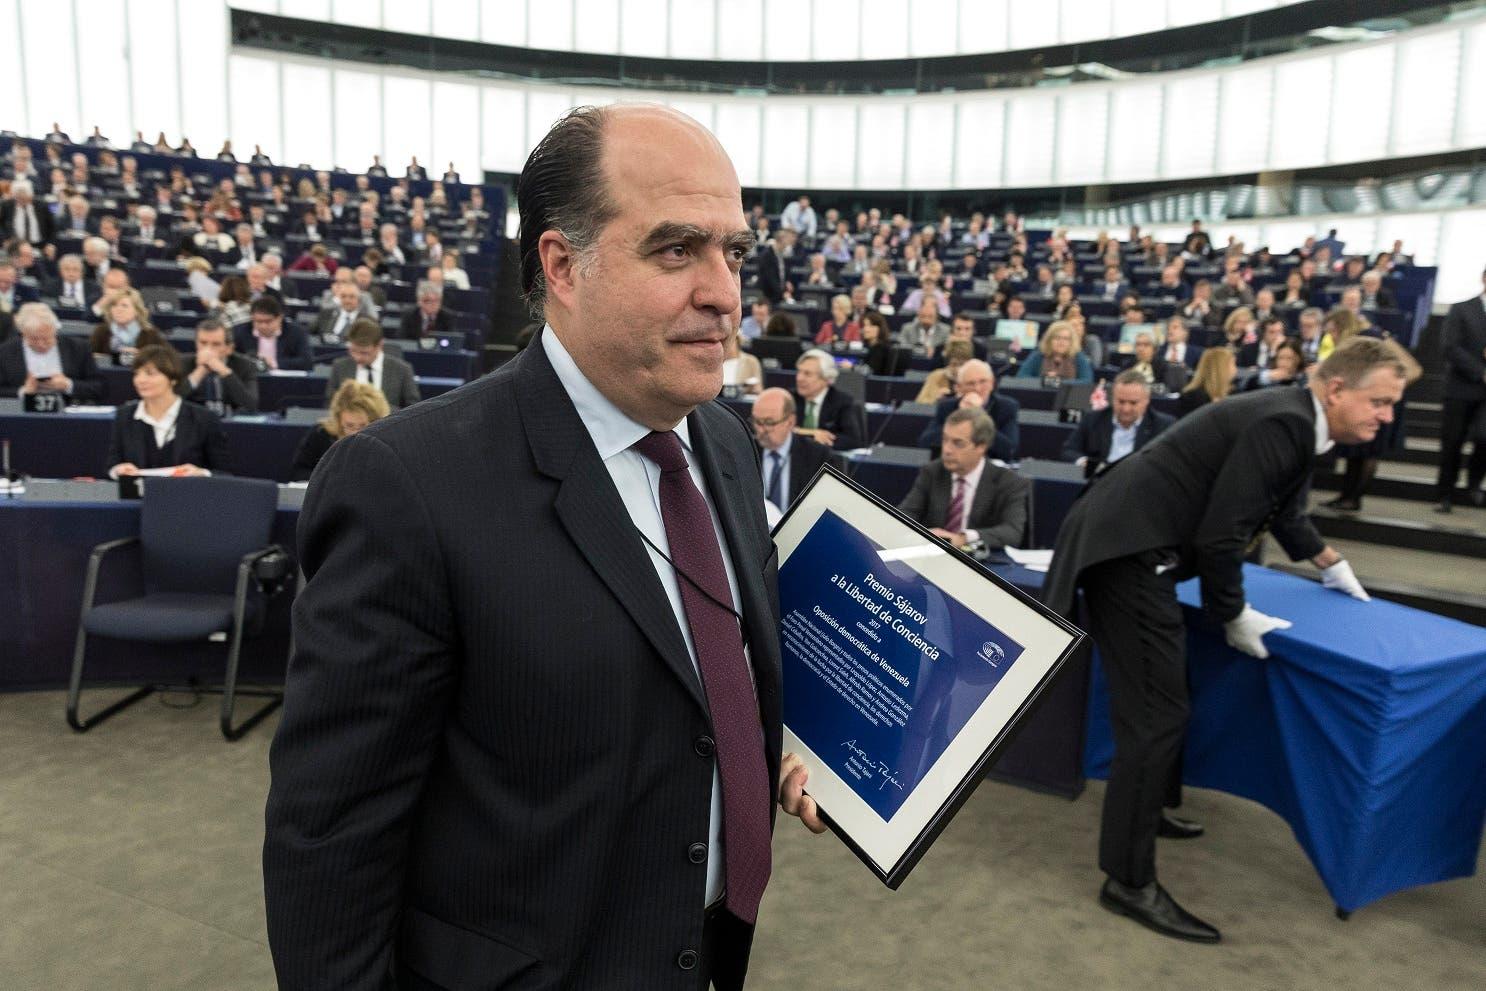 ARCHIVO - En esta fotografía de archivo del 13 de diciembre de 2017, Julio Borges, presidente de la Asamblea Nacional de Venezuela, sale tras recibir el premio Sajarov a la Libertad de Conciencia, un galardón otorgado a la oposición venezolana, en Estrasburgo, en el este de Francia. (AP Foto/Jean-Francois Badias, archivo)